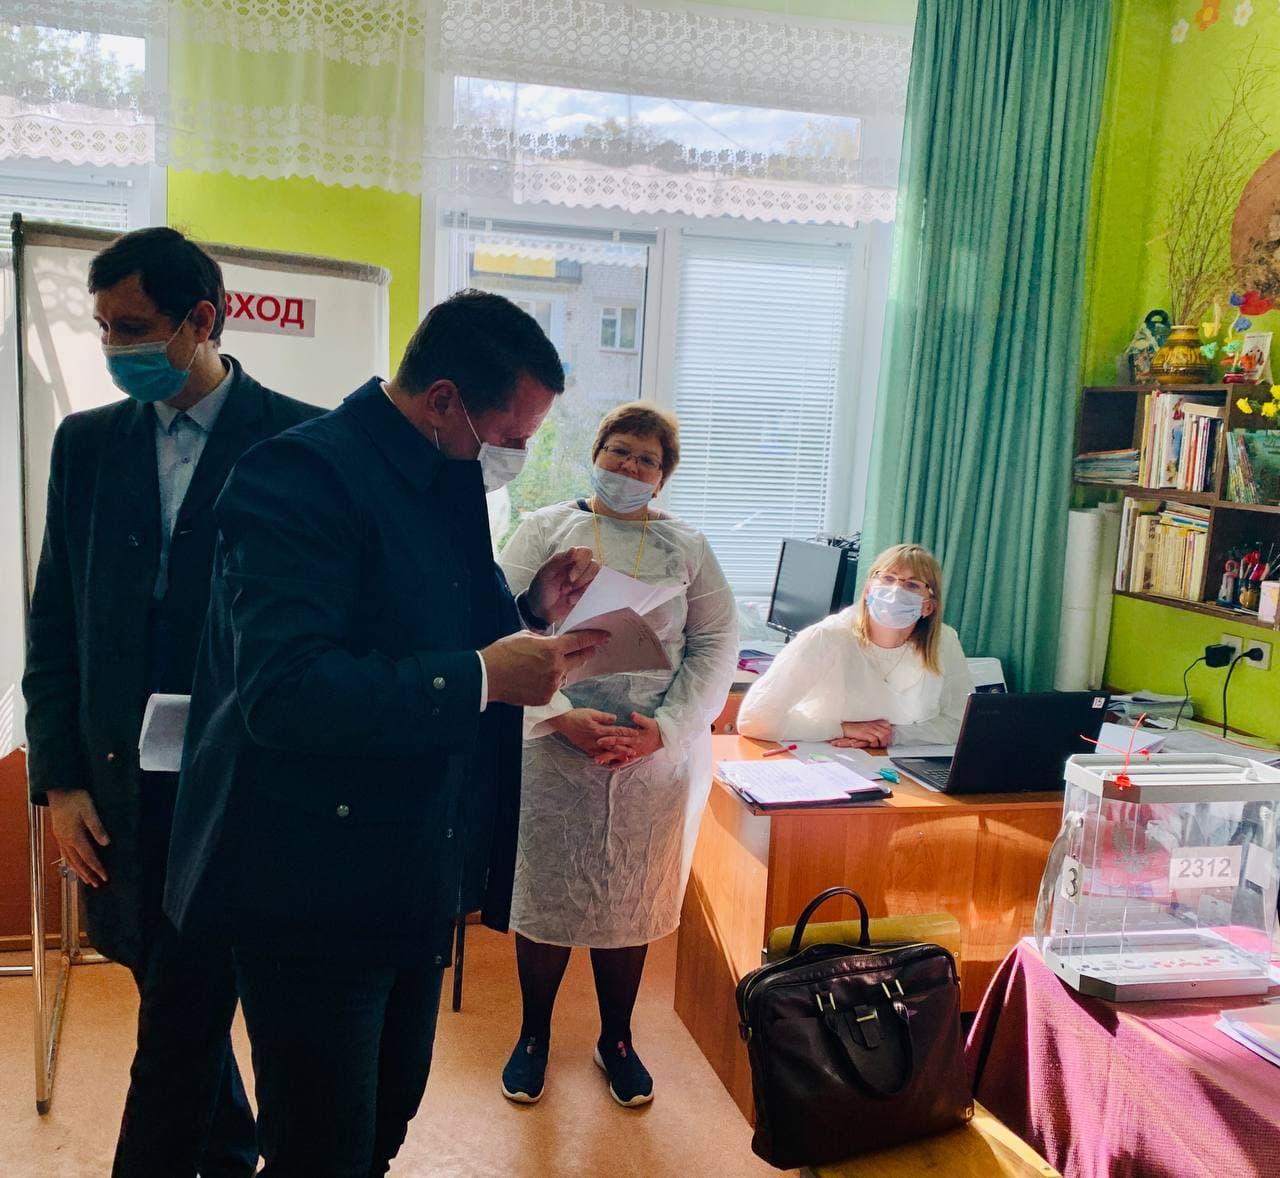 Выездная мобильная группа Штаба общественного наблюдения за выборами в Ярославской области: на участках ситуация спокойная, всё проходит в штатном режиме